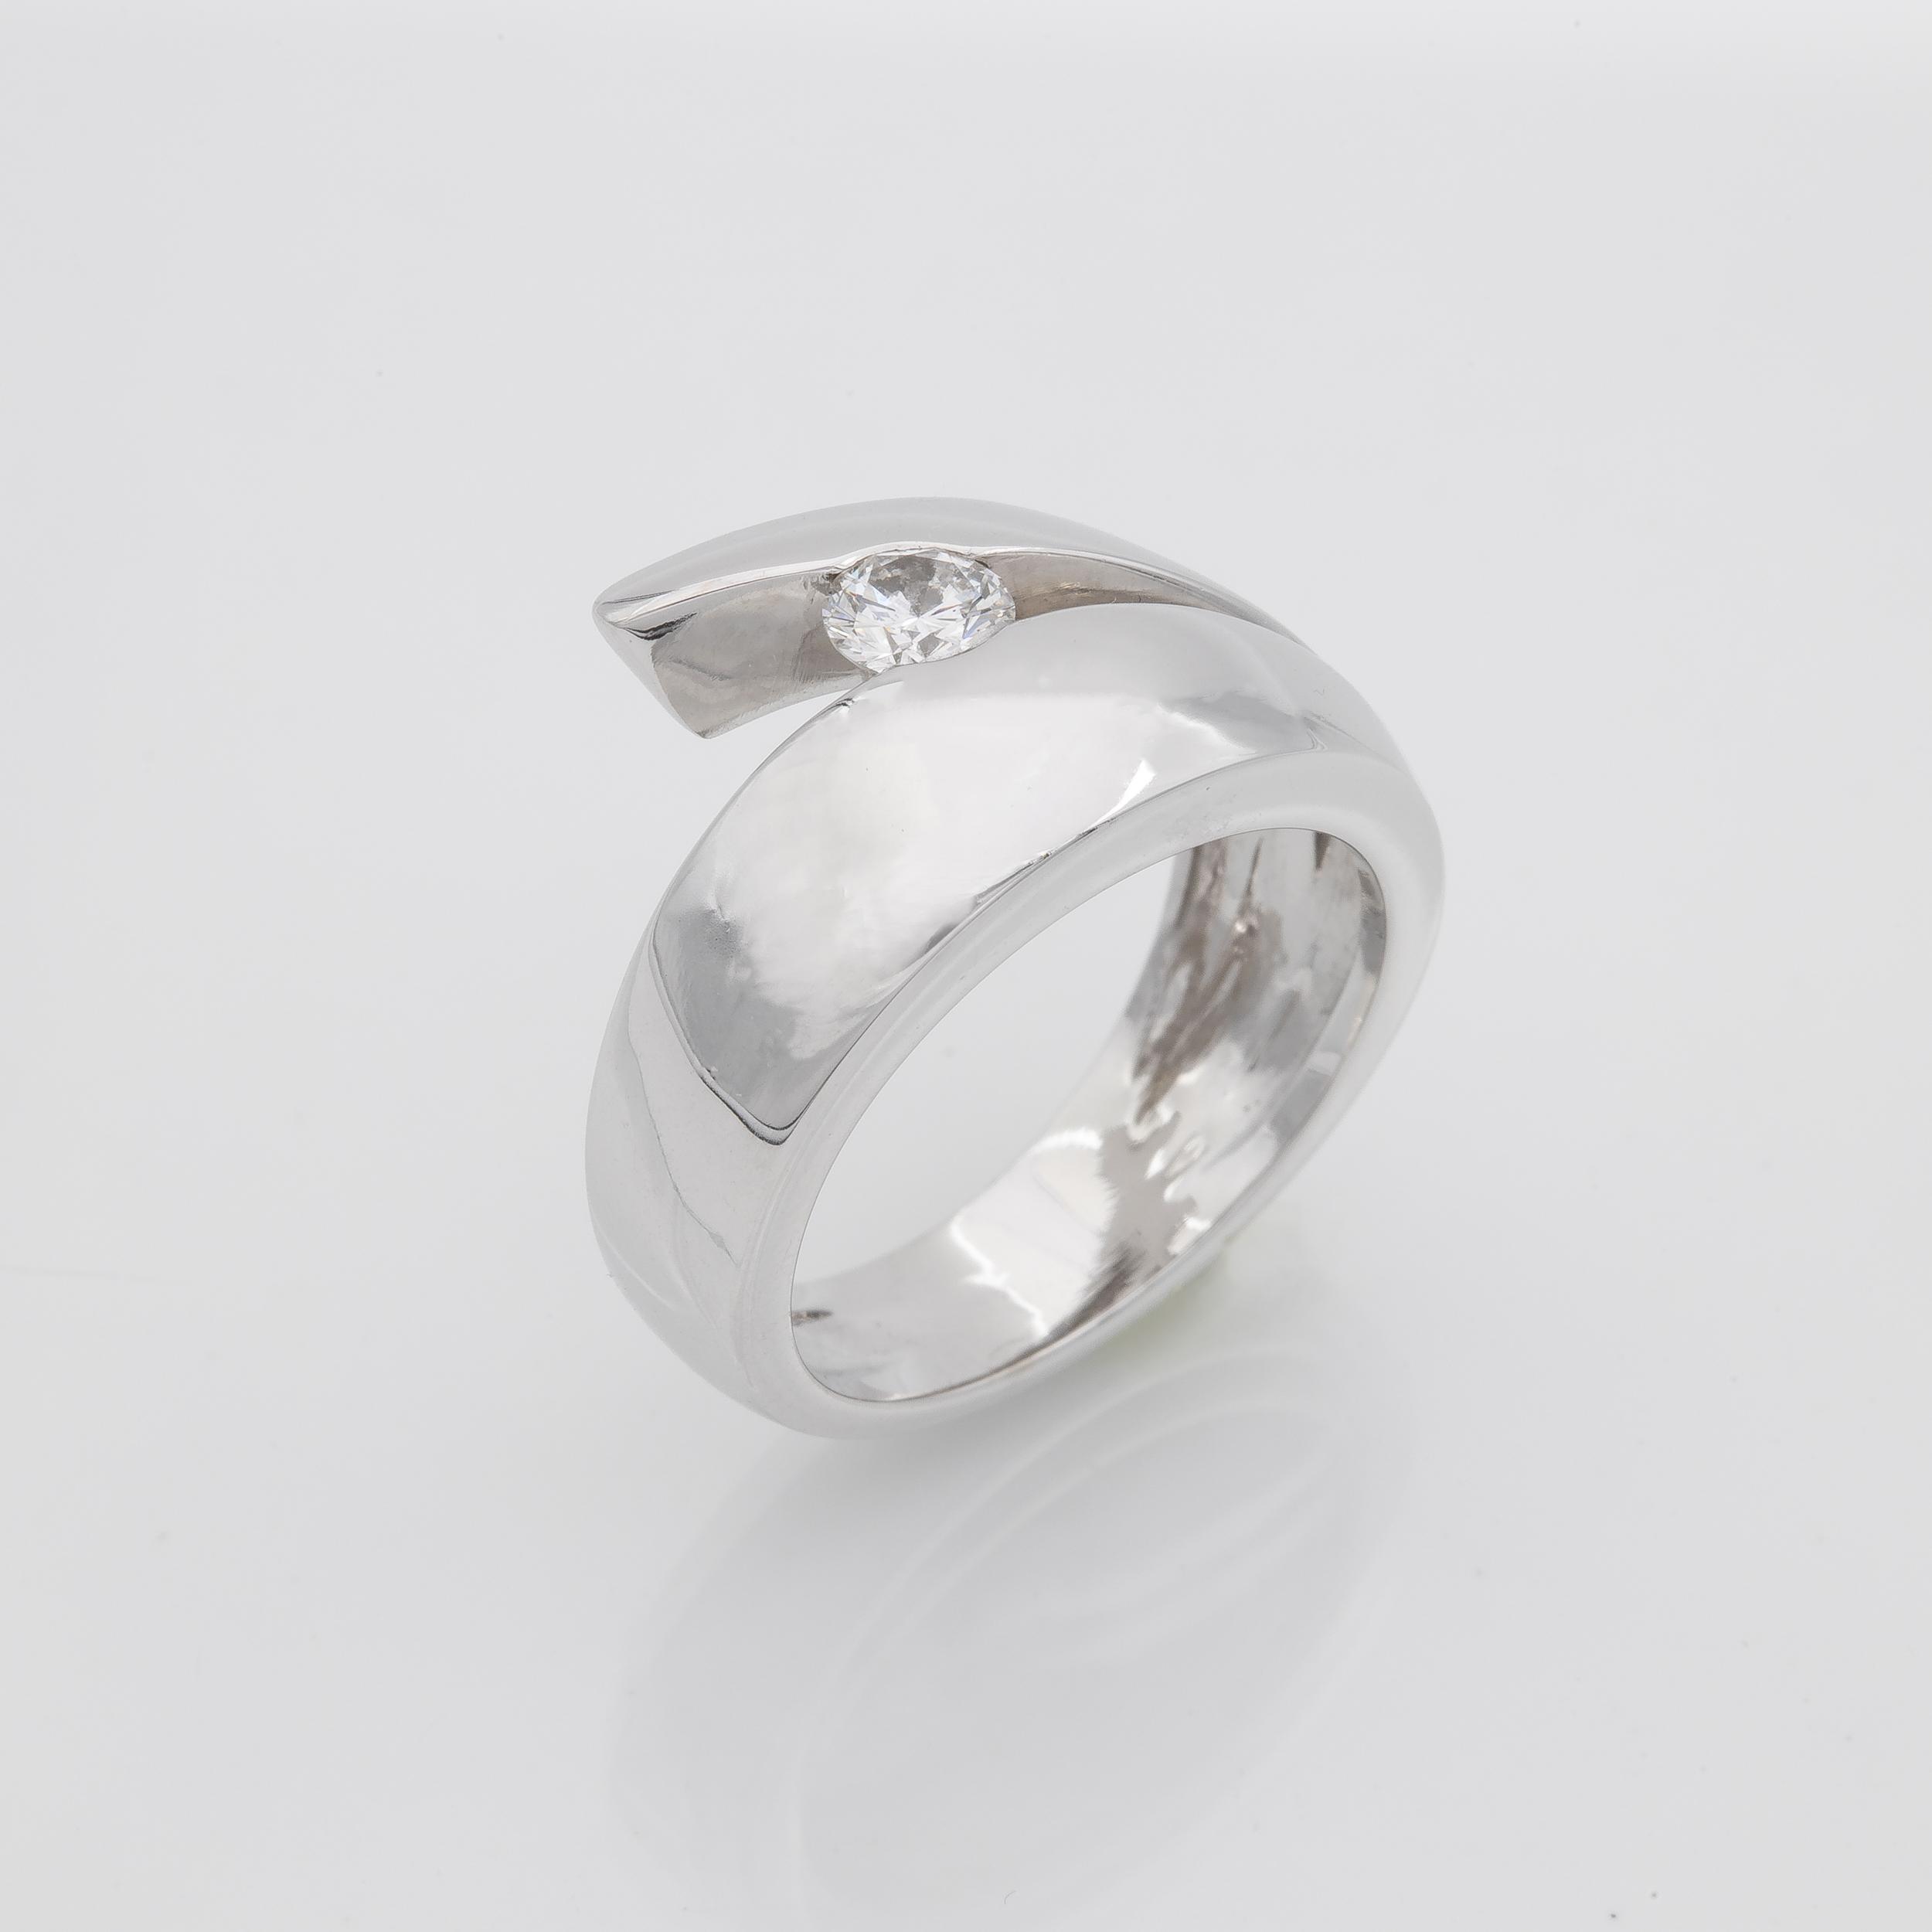 Bague jonc moderniste or gris diamant